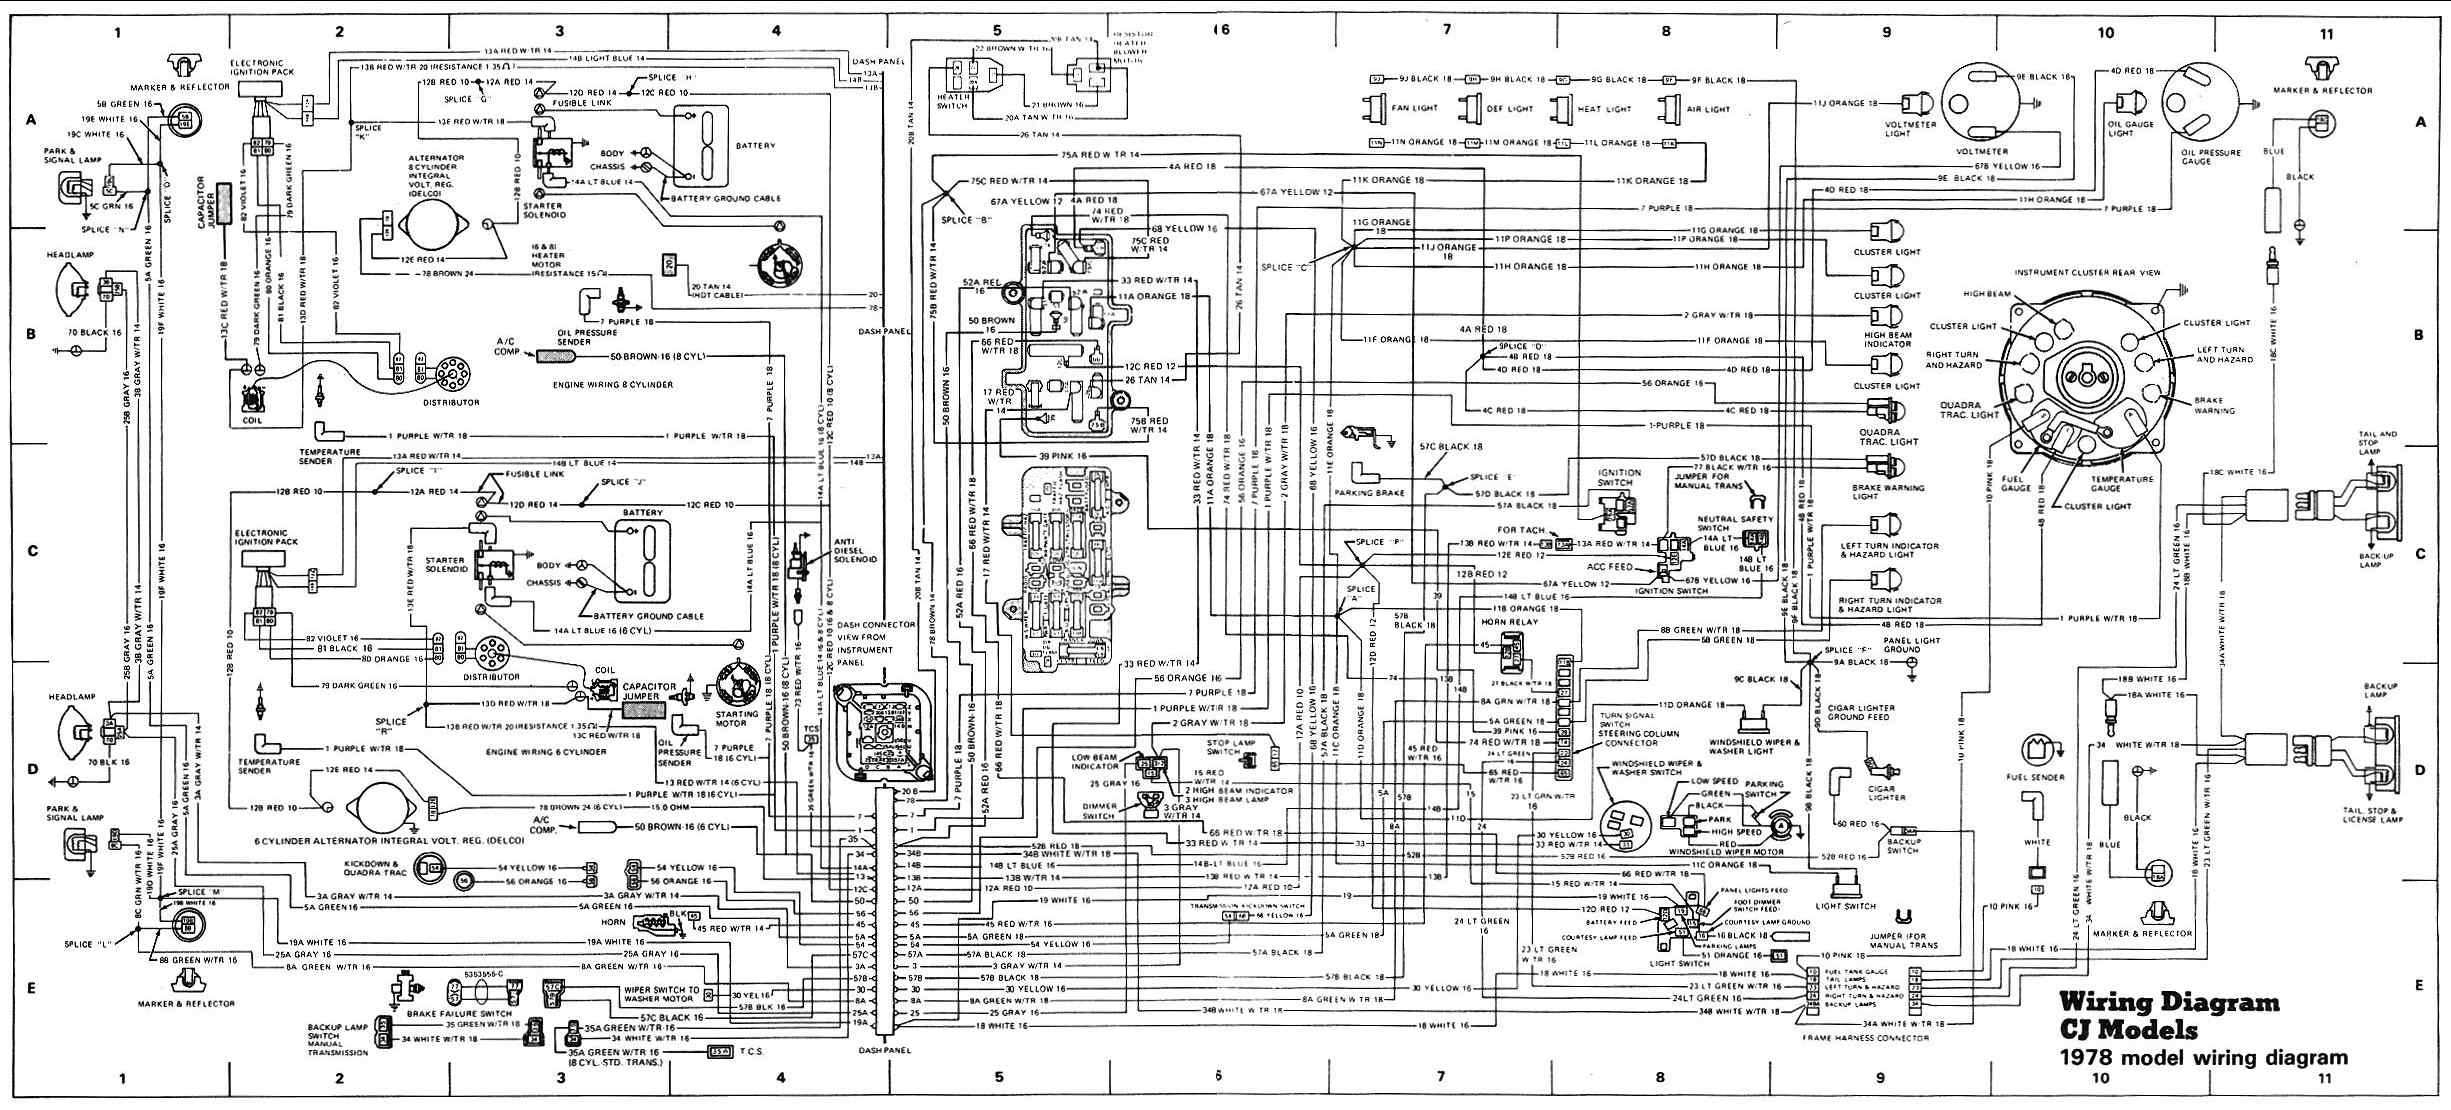 Centralux Wiring Diagram Books Of Bsa Schematics Jeep 4 2 Engine Auto Electrical Rh Mit Edu Uk Bitoku Me